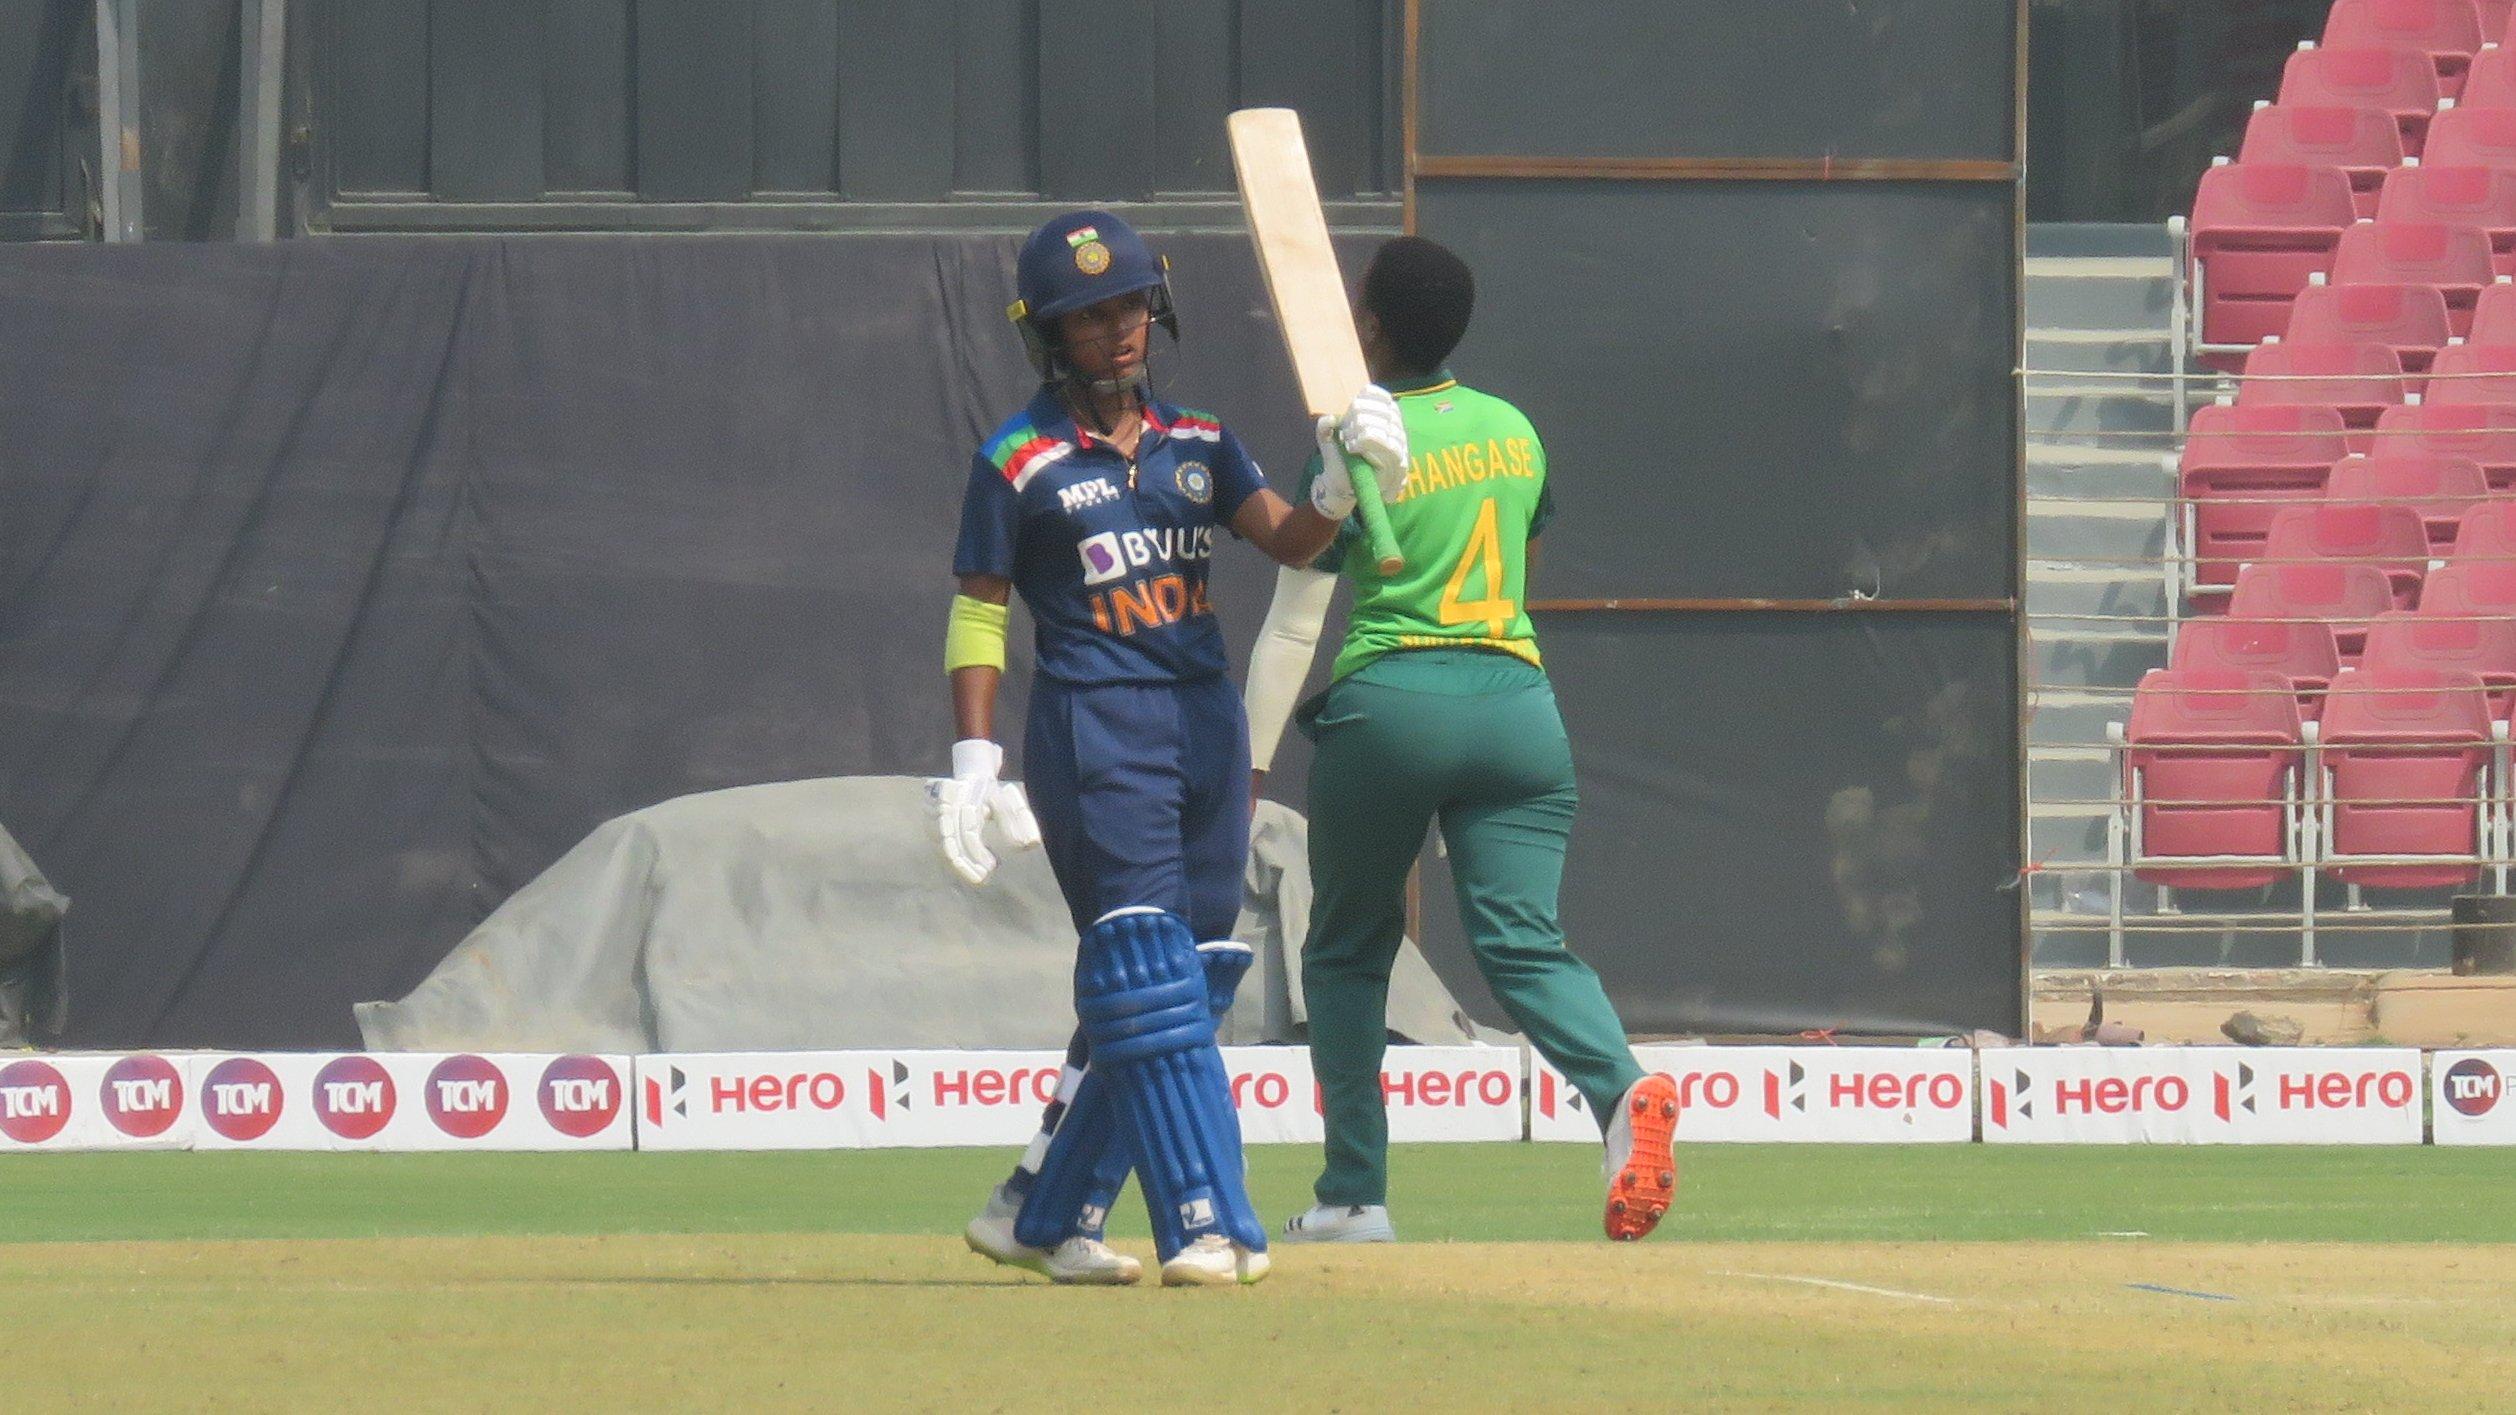 মিতালি রাজ প্রথম ভারতীয় মহিলা ক্রিকেটার হিসাবে পূর্ণ করলেন দশ হাজার আন্তর্জাতিক রান 2